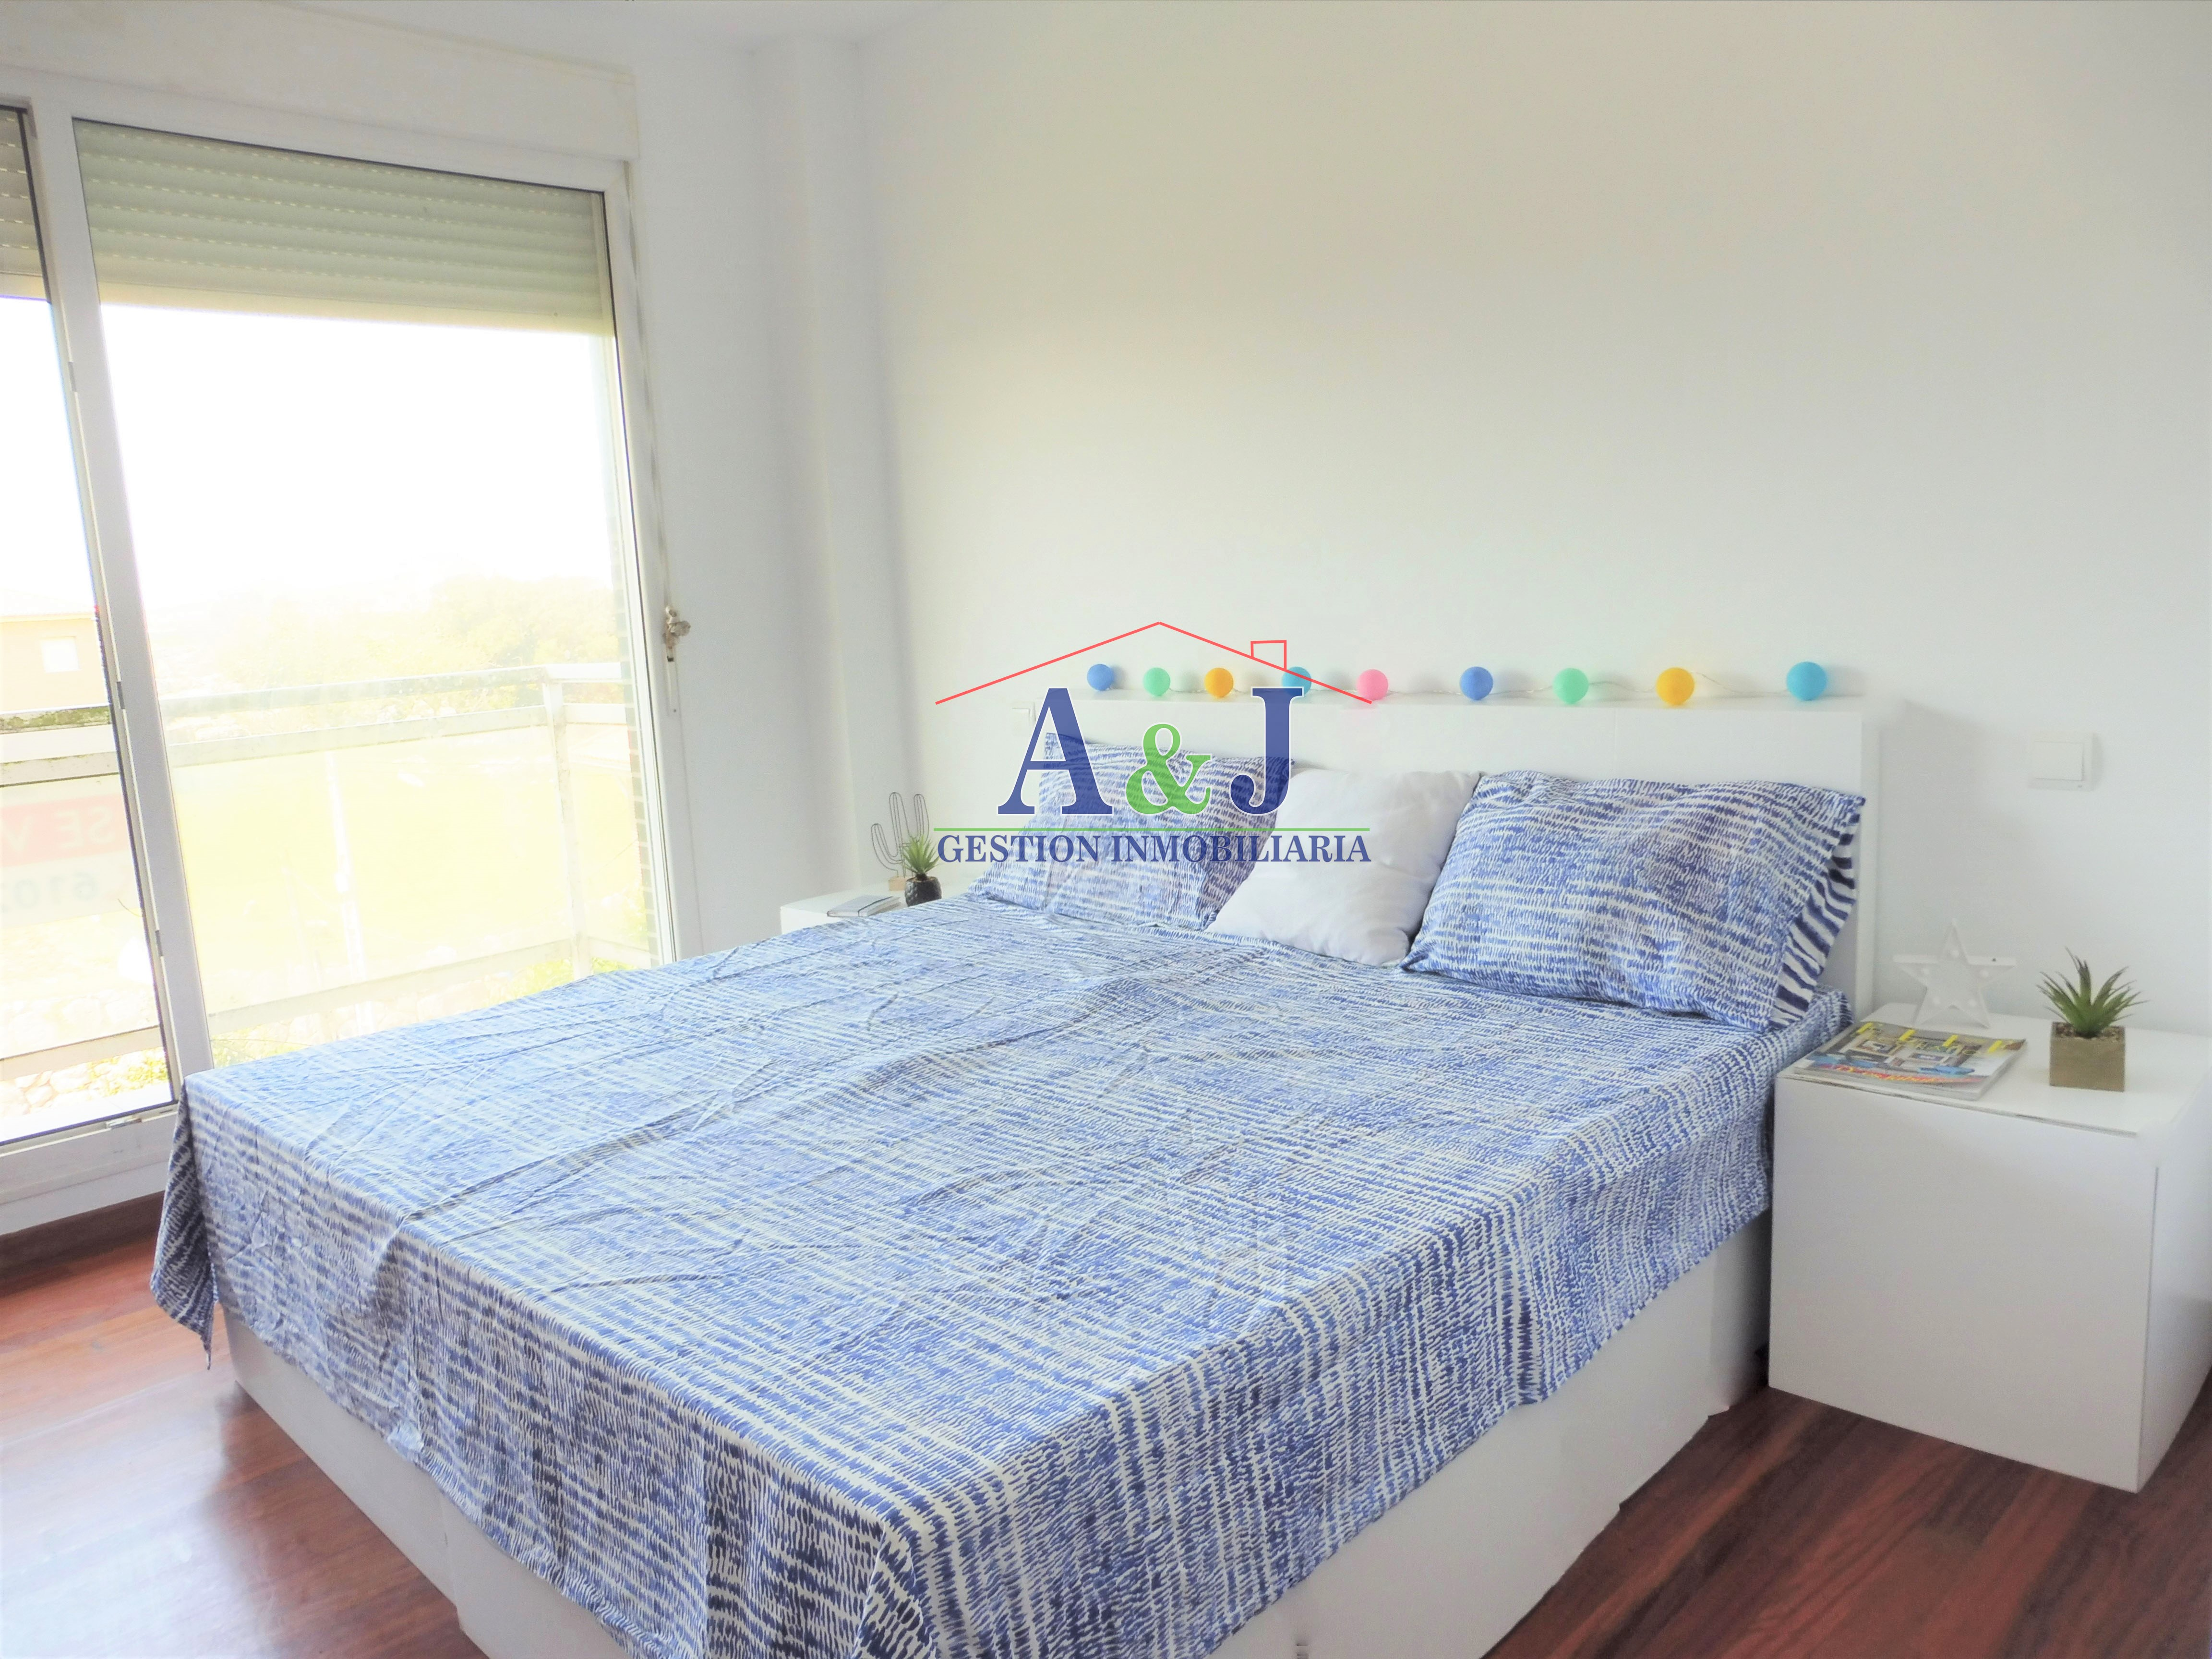 Preparar la vivienda para una venta r pida y eficaz en cantabria - Pisos de bancos en la playa ...